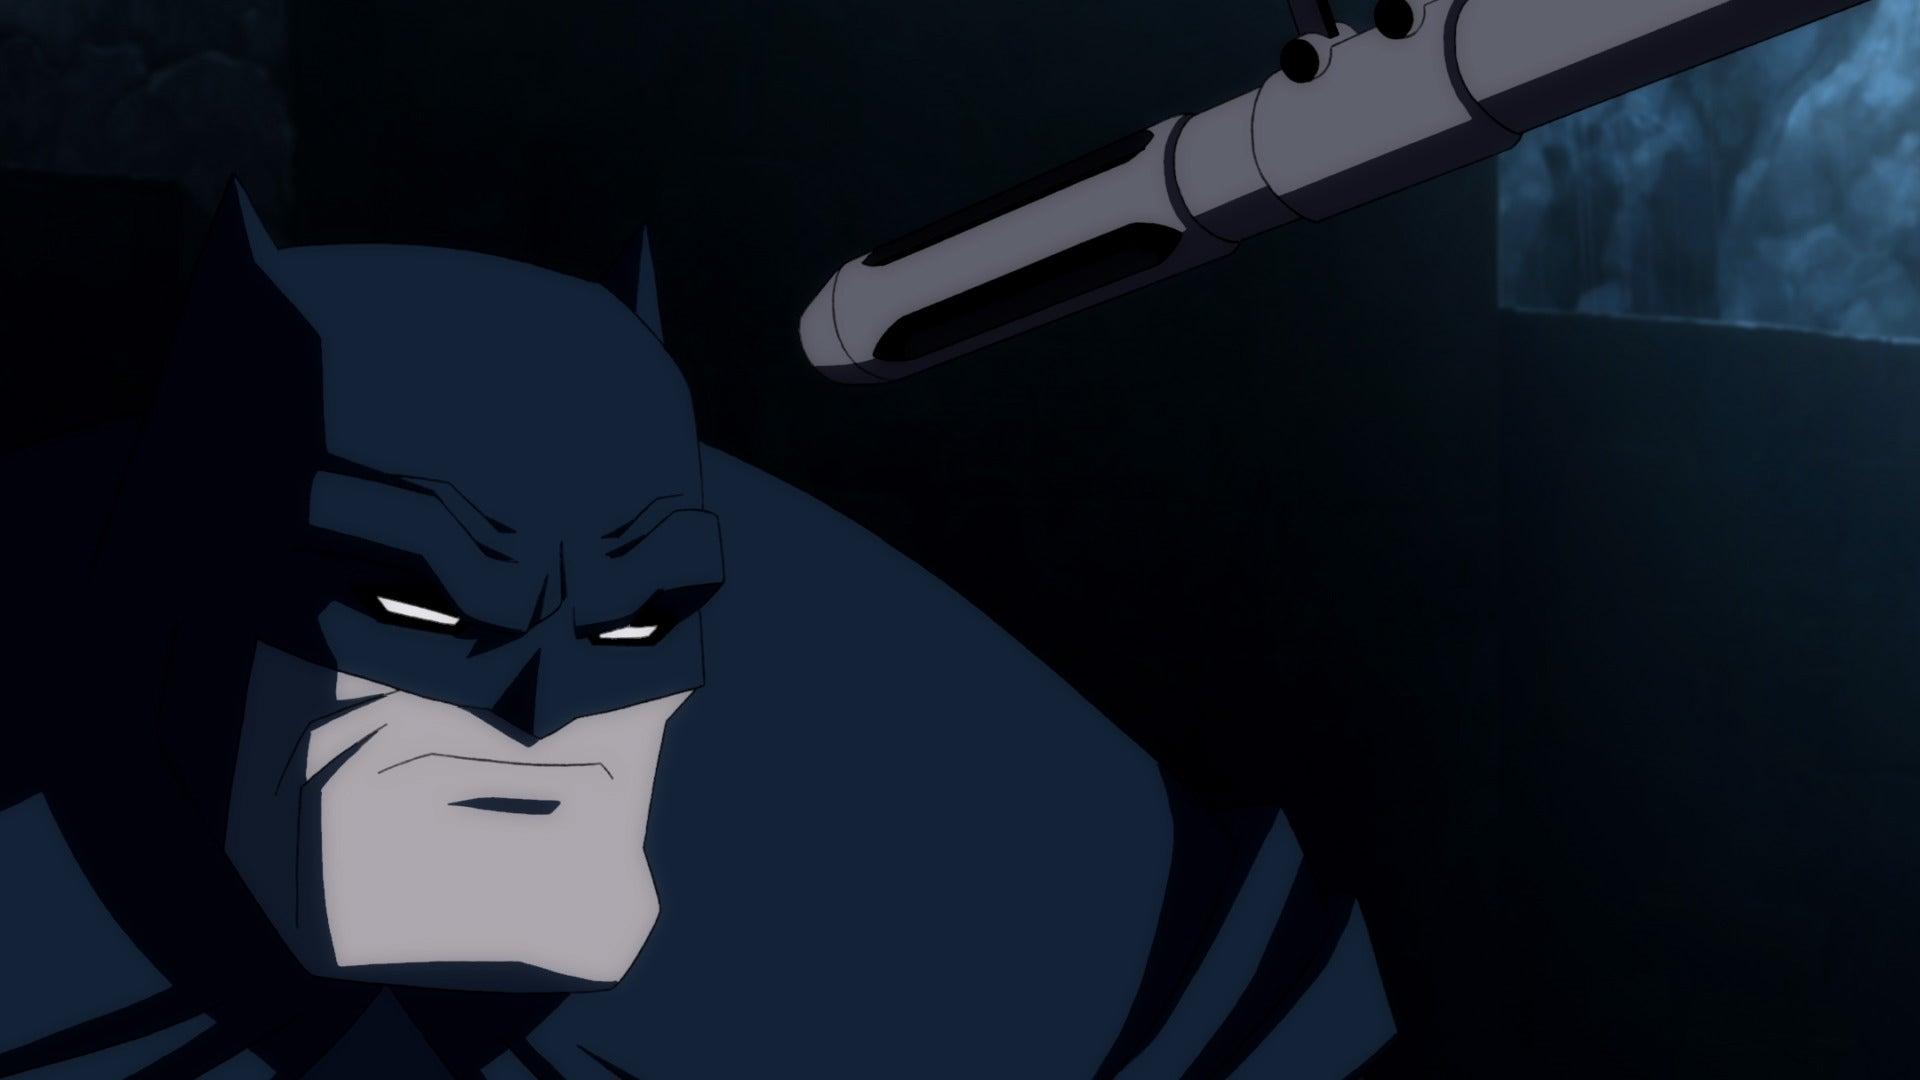 Batman at gunpoint